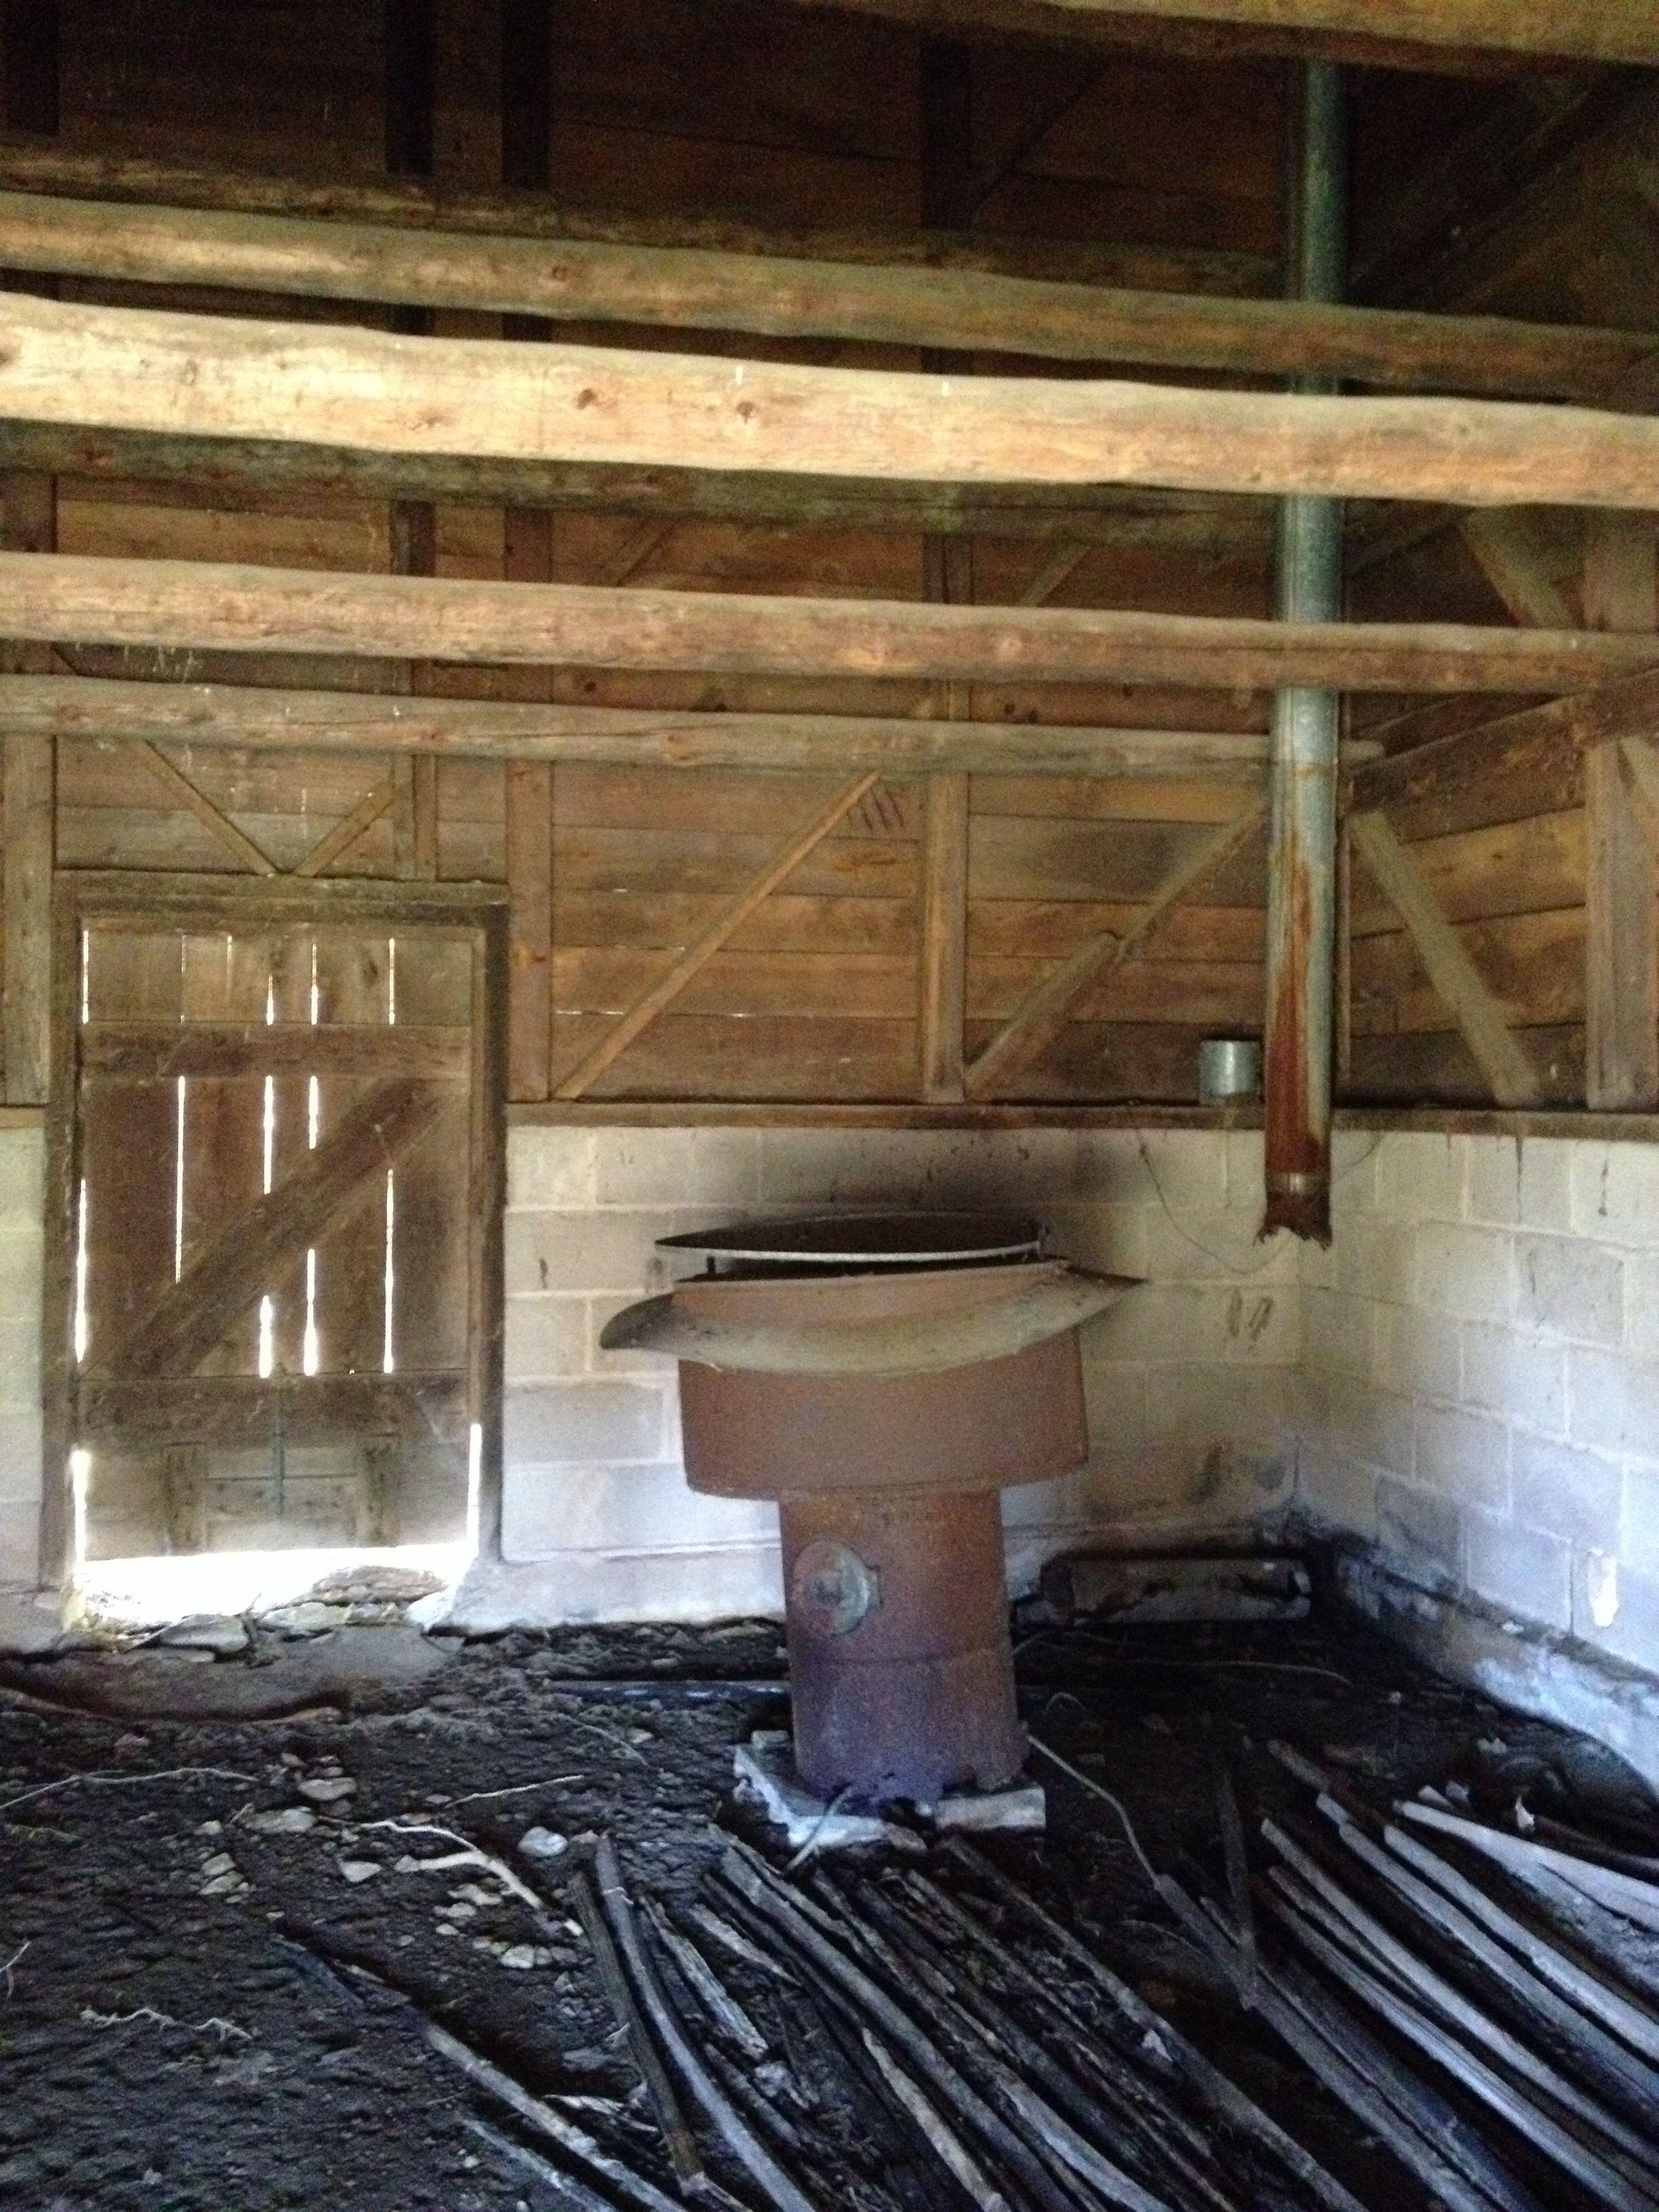 Oil burner in tobacco barn on the Amos Allman farm in Glade